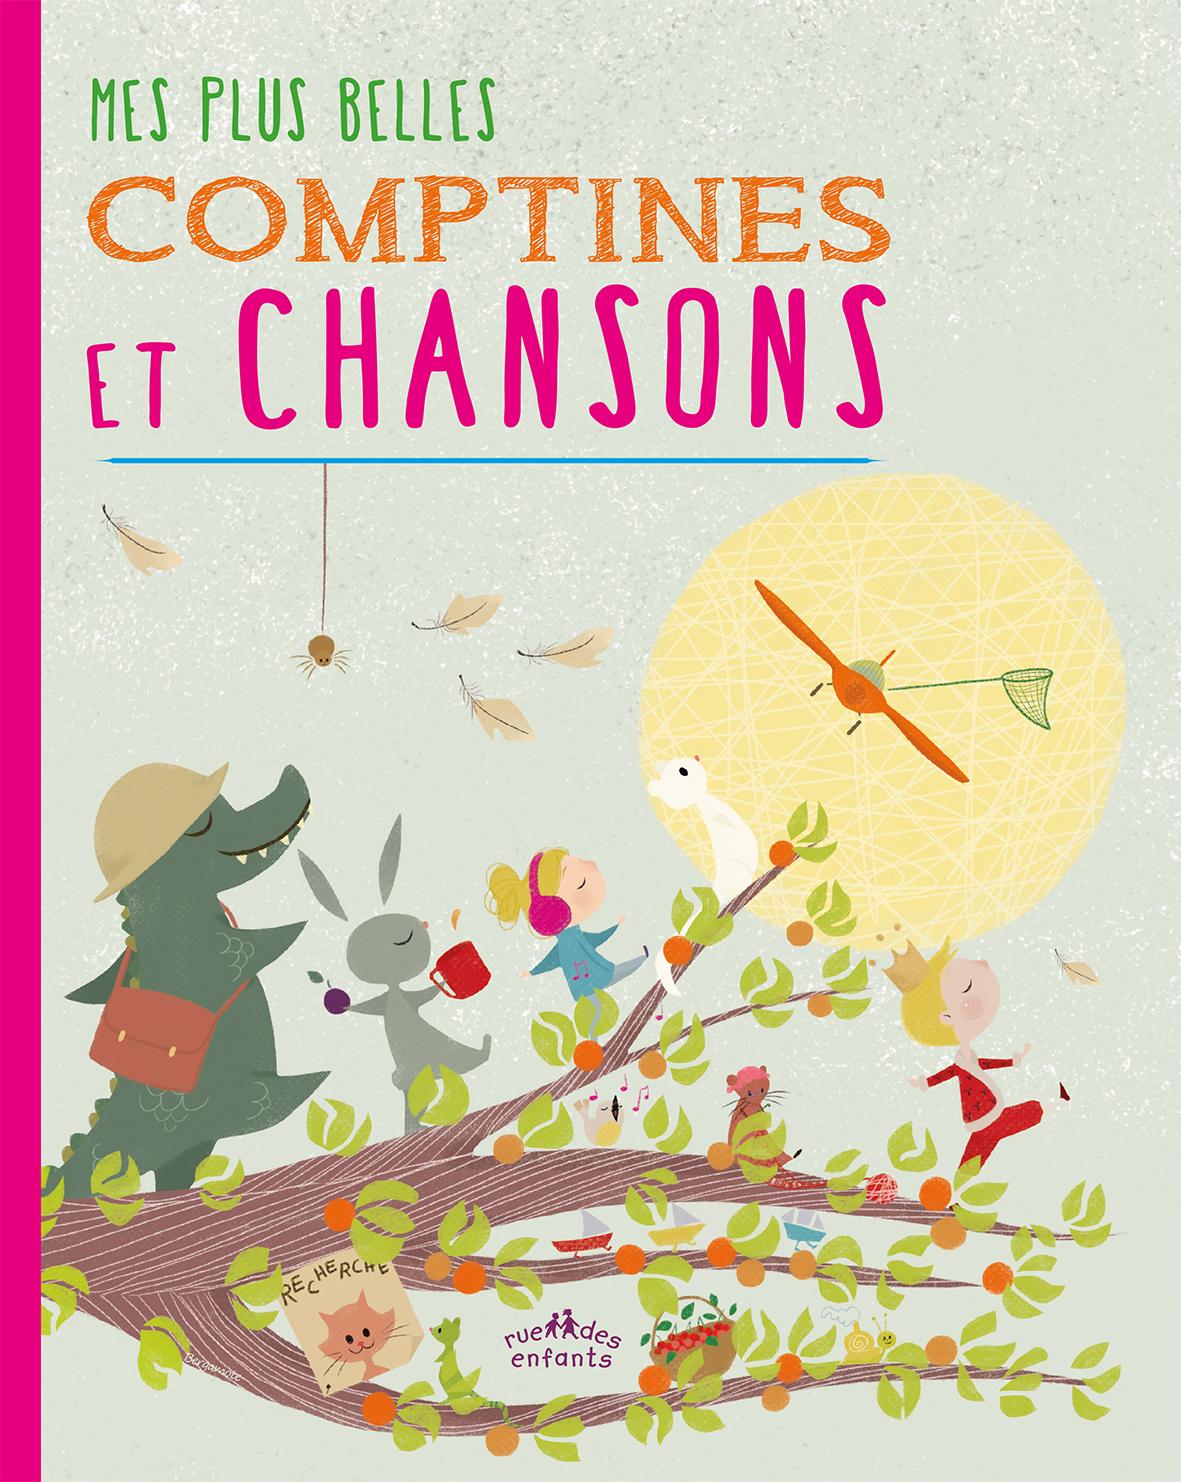 PLUS BELLES COMPTINES ET CHANSONS (MES)